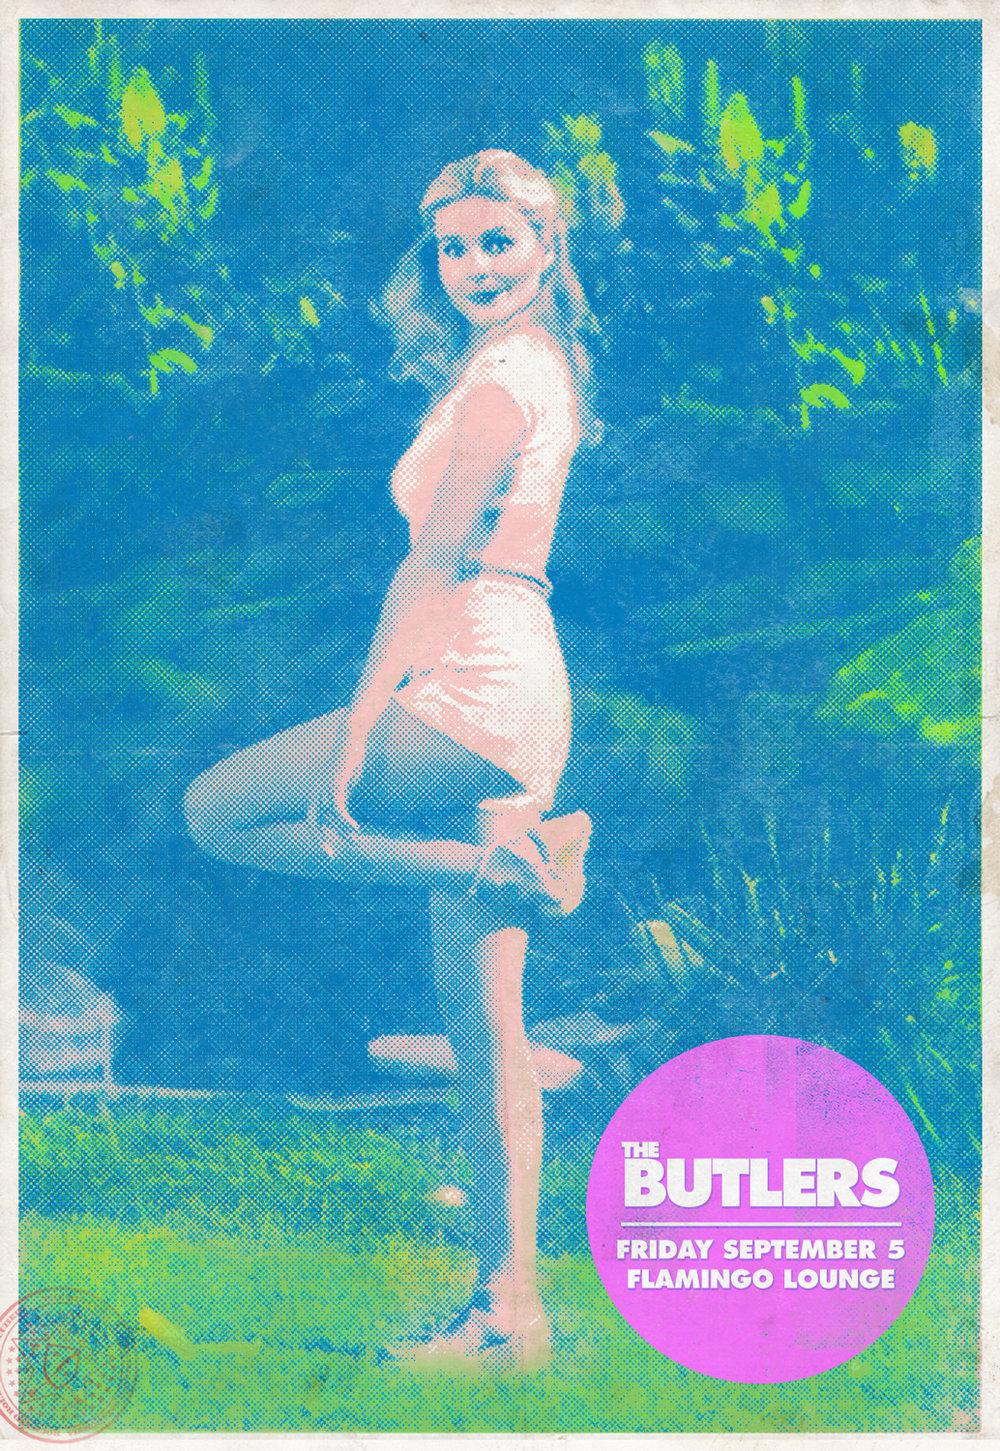 BUTLERS_09_05_2014.jpg